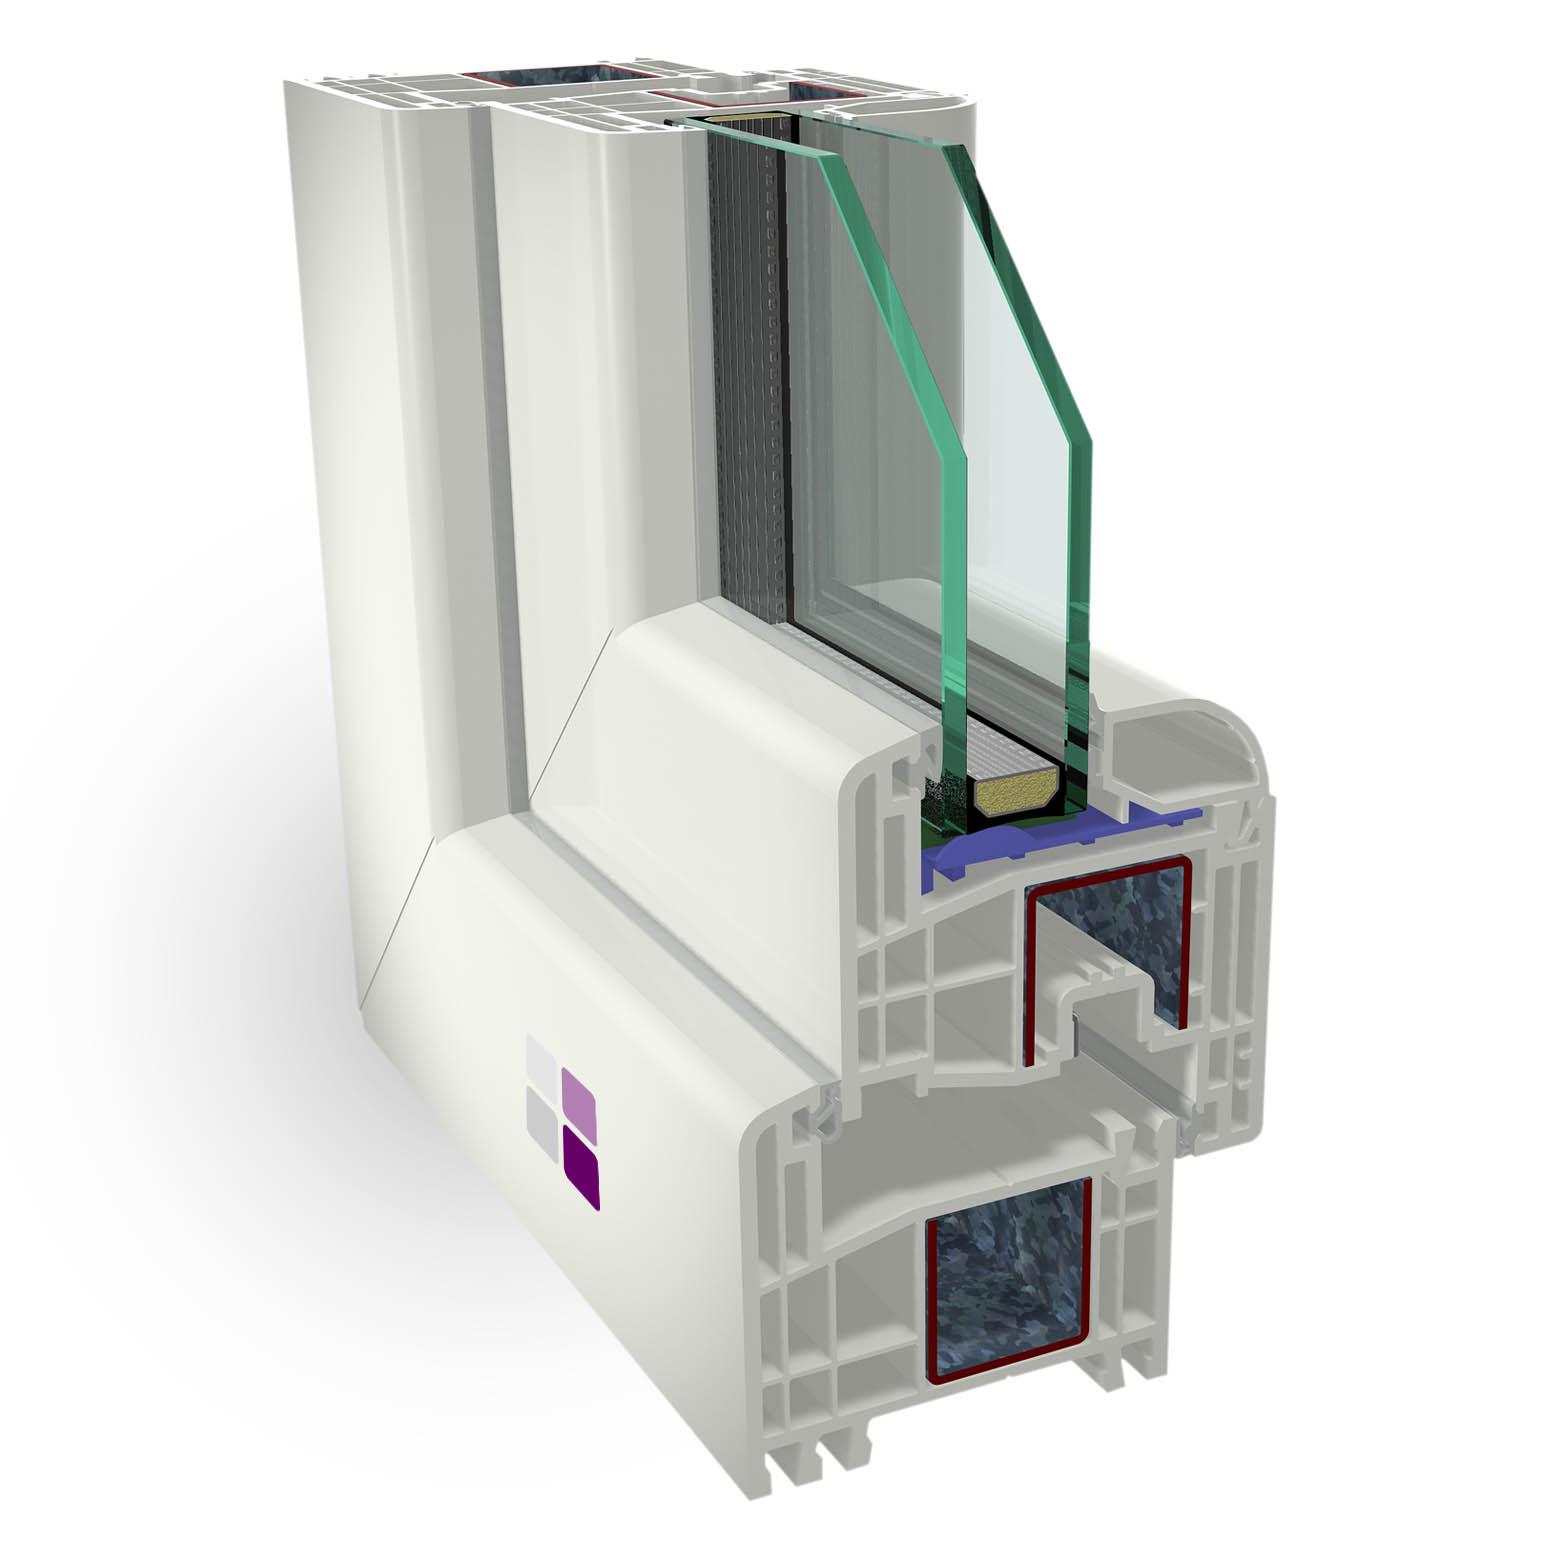 Sección 3D de los componentes de la ventana cálida pvc clásica. Eficiencia energética al mejor precio.